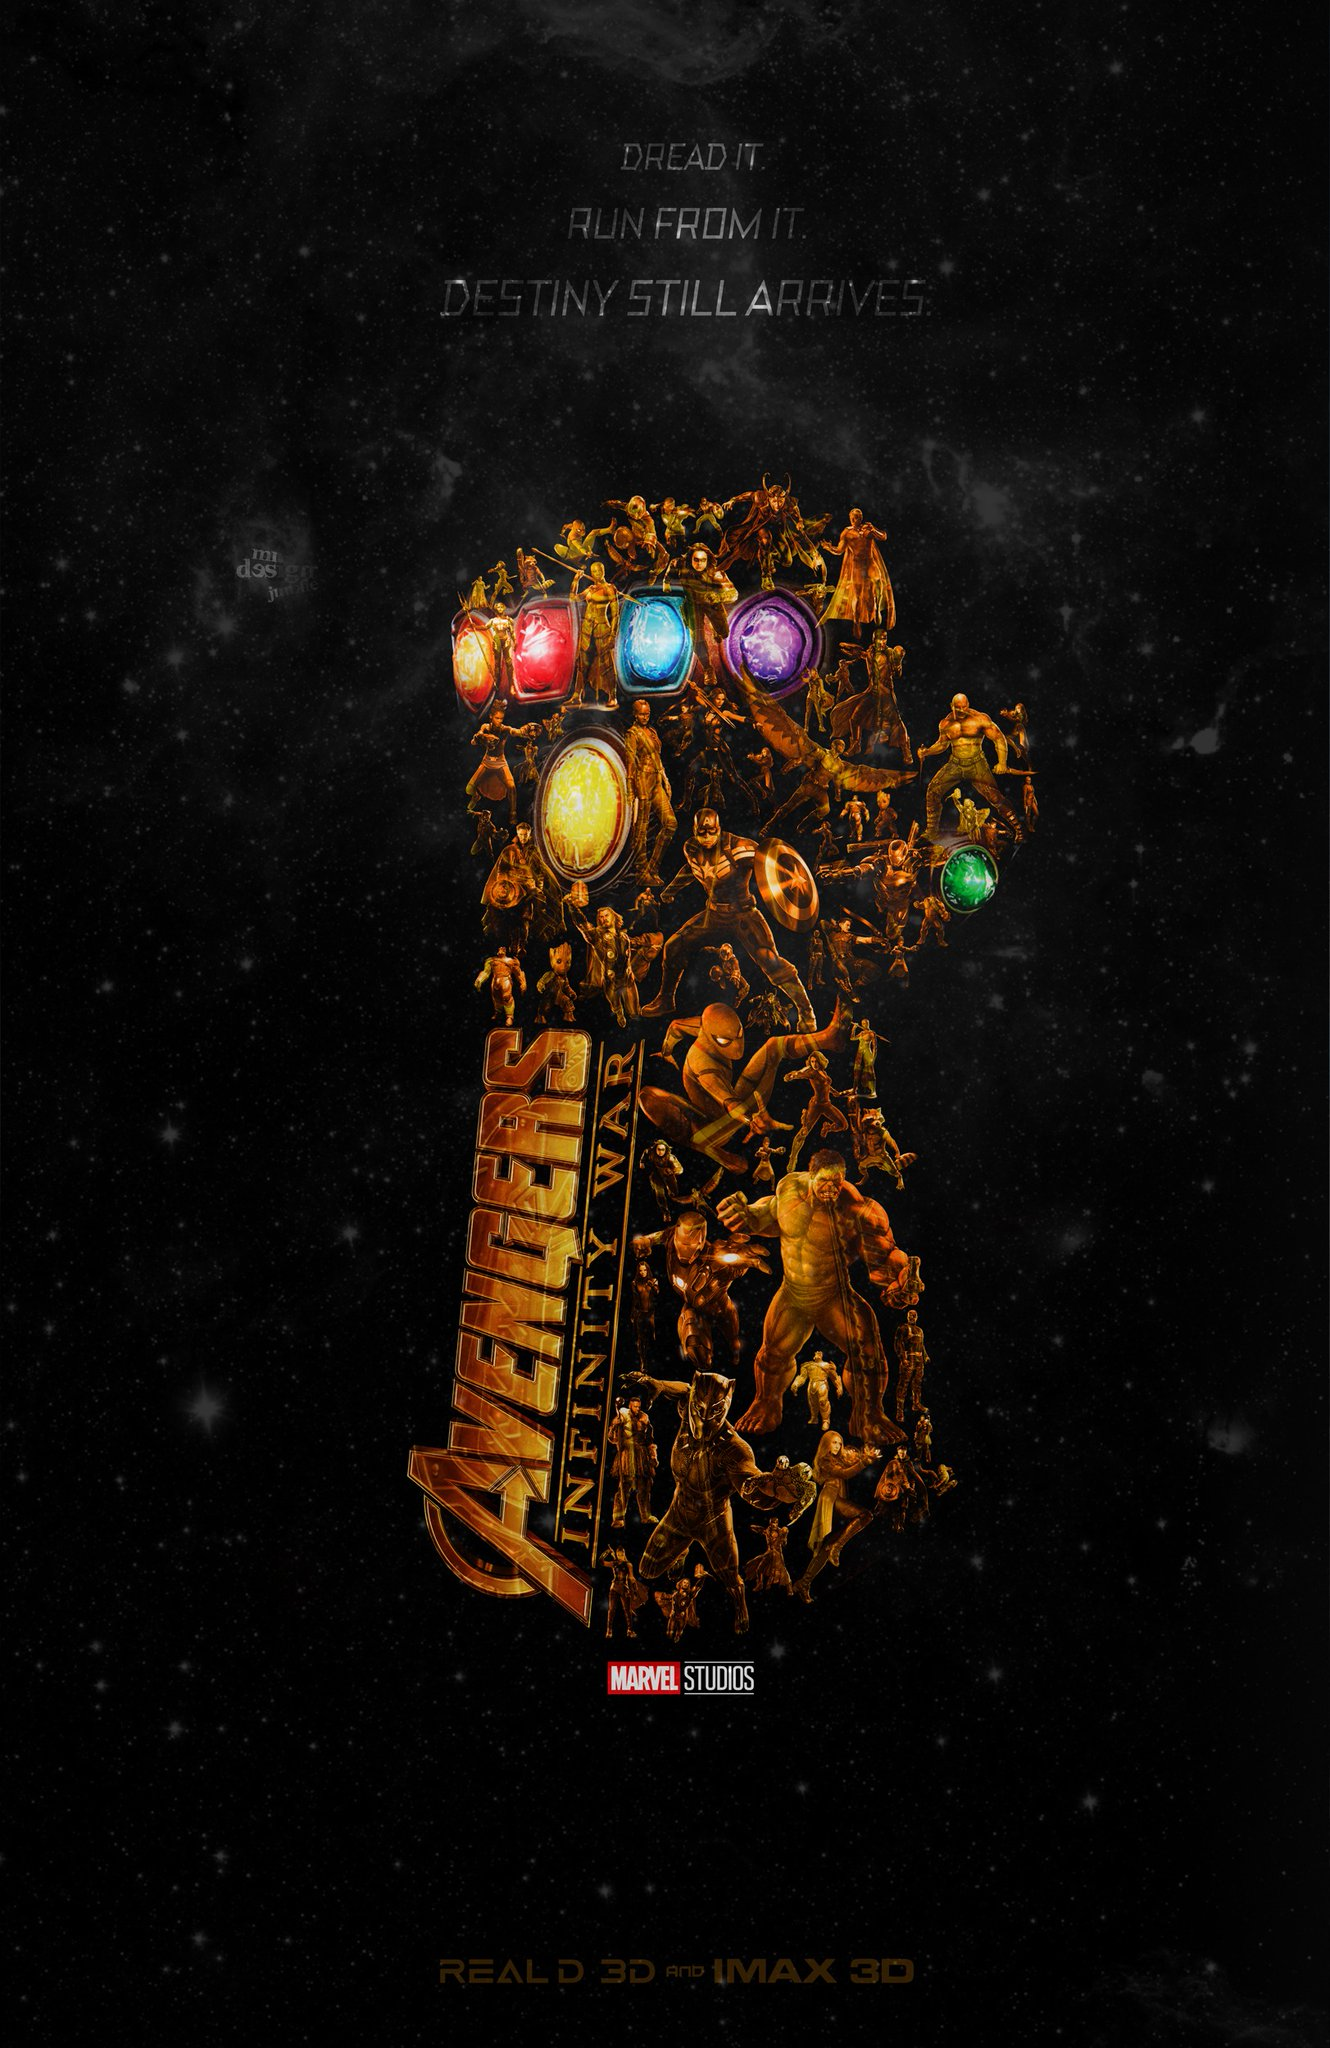 Infinity-War-Dettrick-Maddox